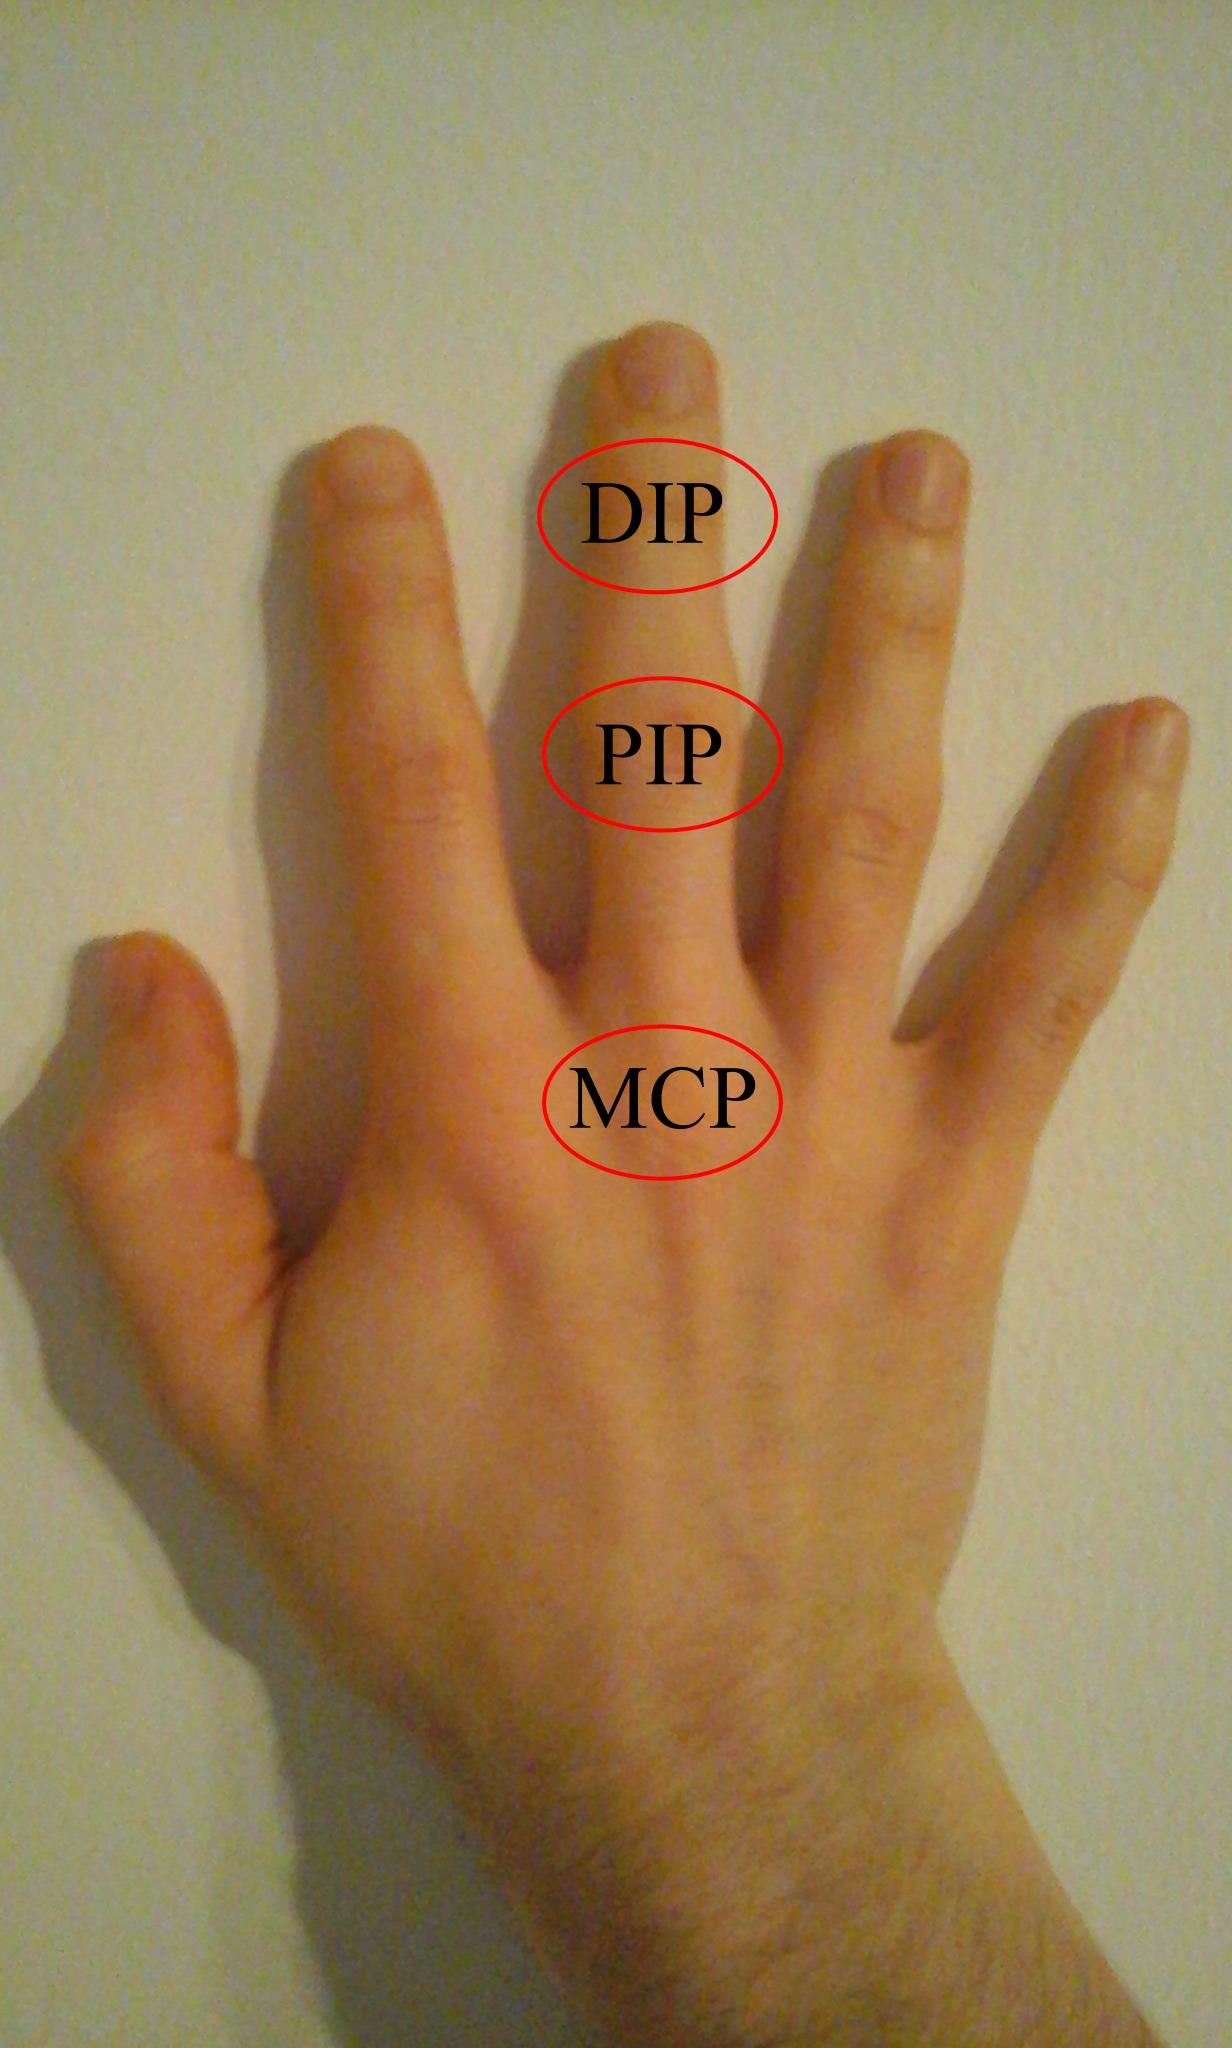 hogy néznek ki az ízületek a rheumatoid arthritisben)